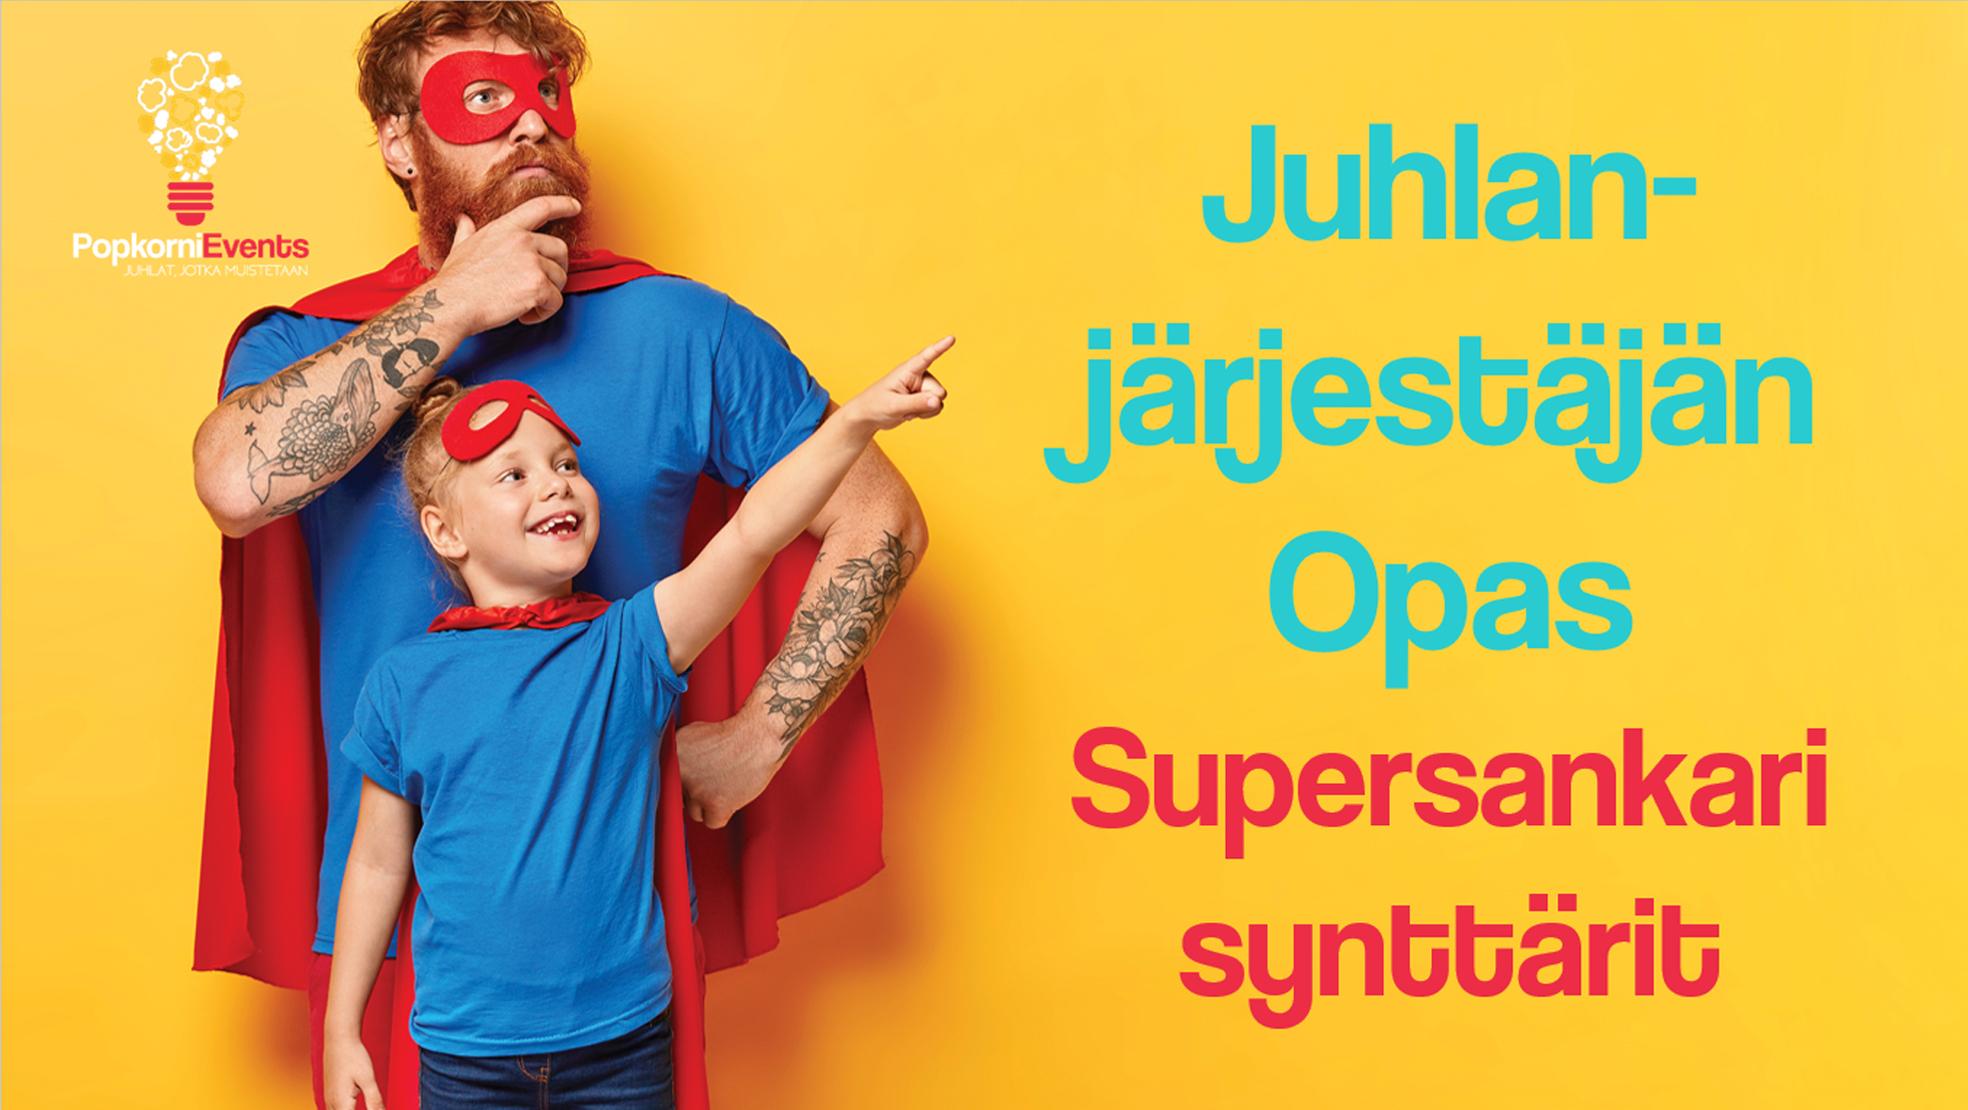 supersankari juhlat tuotekuva 2